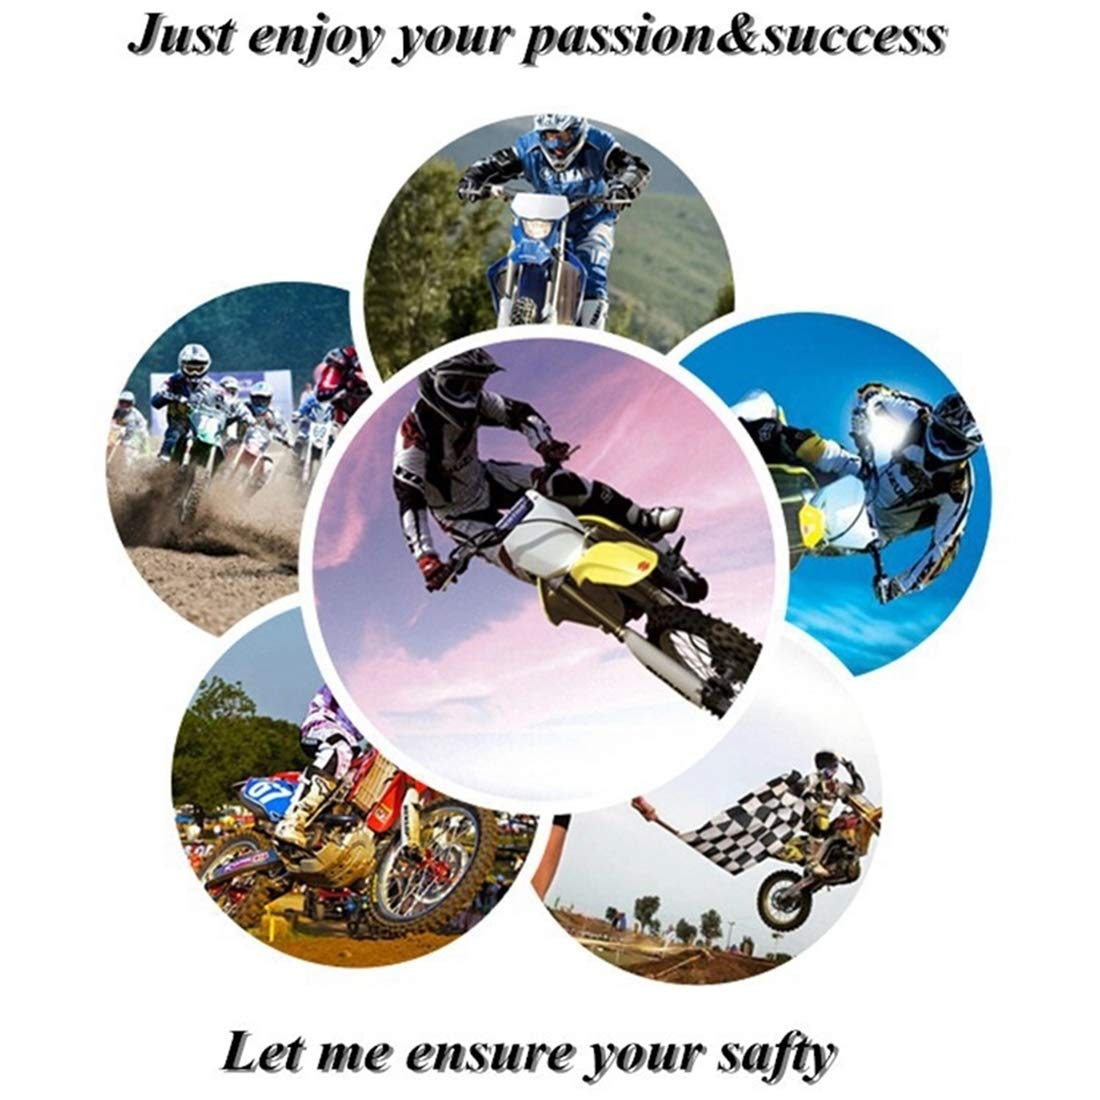 Hombres Y Mujeres Se Adapta A Adultos Desgaste Suave Y F/ácil De Limpiar Chaleco De Bolsa De Aire Reflectante Liviano LLCPRO Chaleco De Bolsa De Aire con Tira Reflectante para Motocross